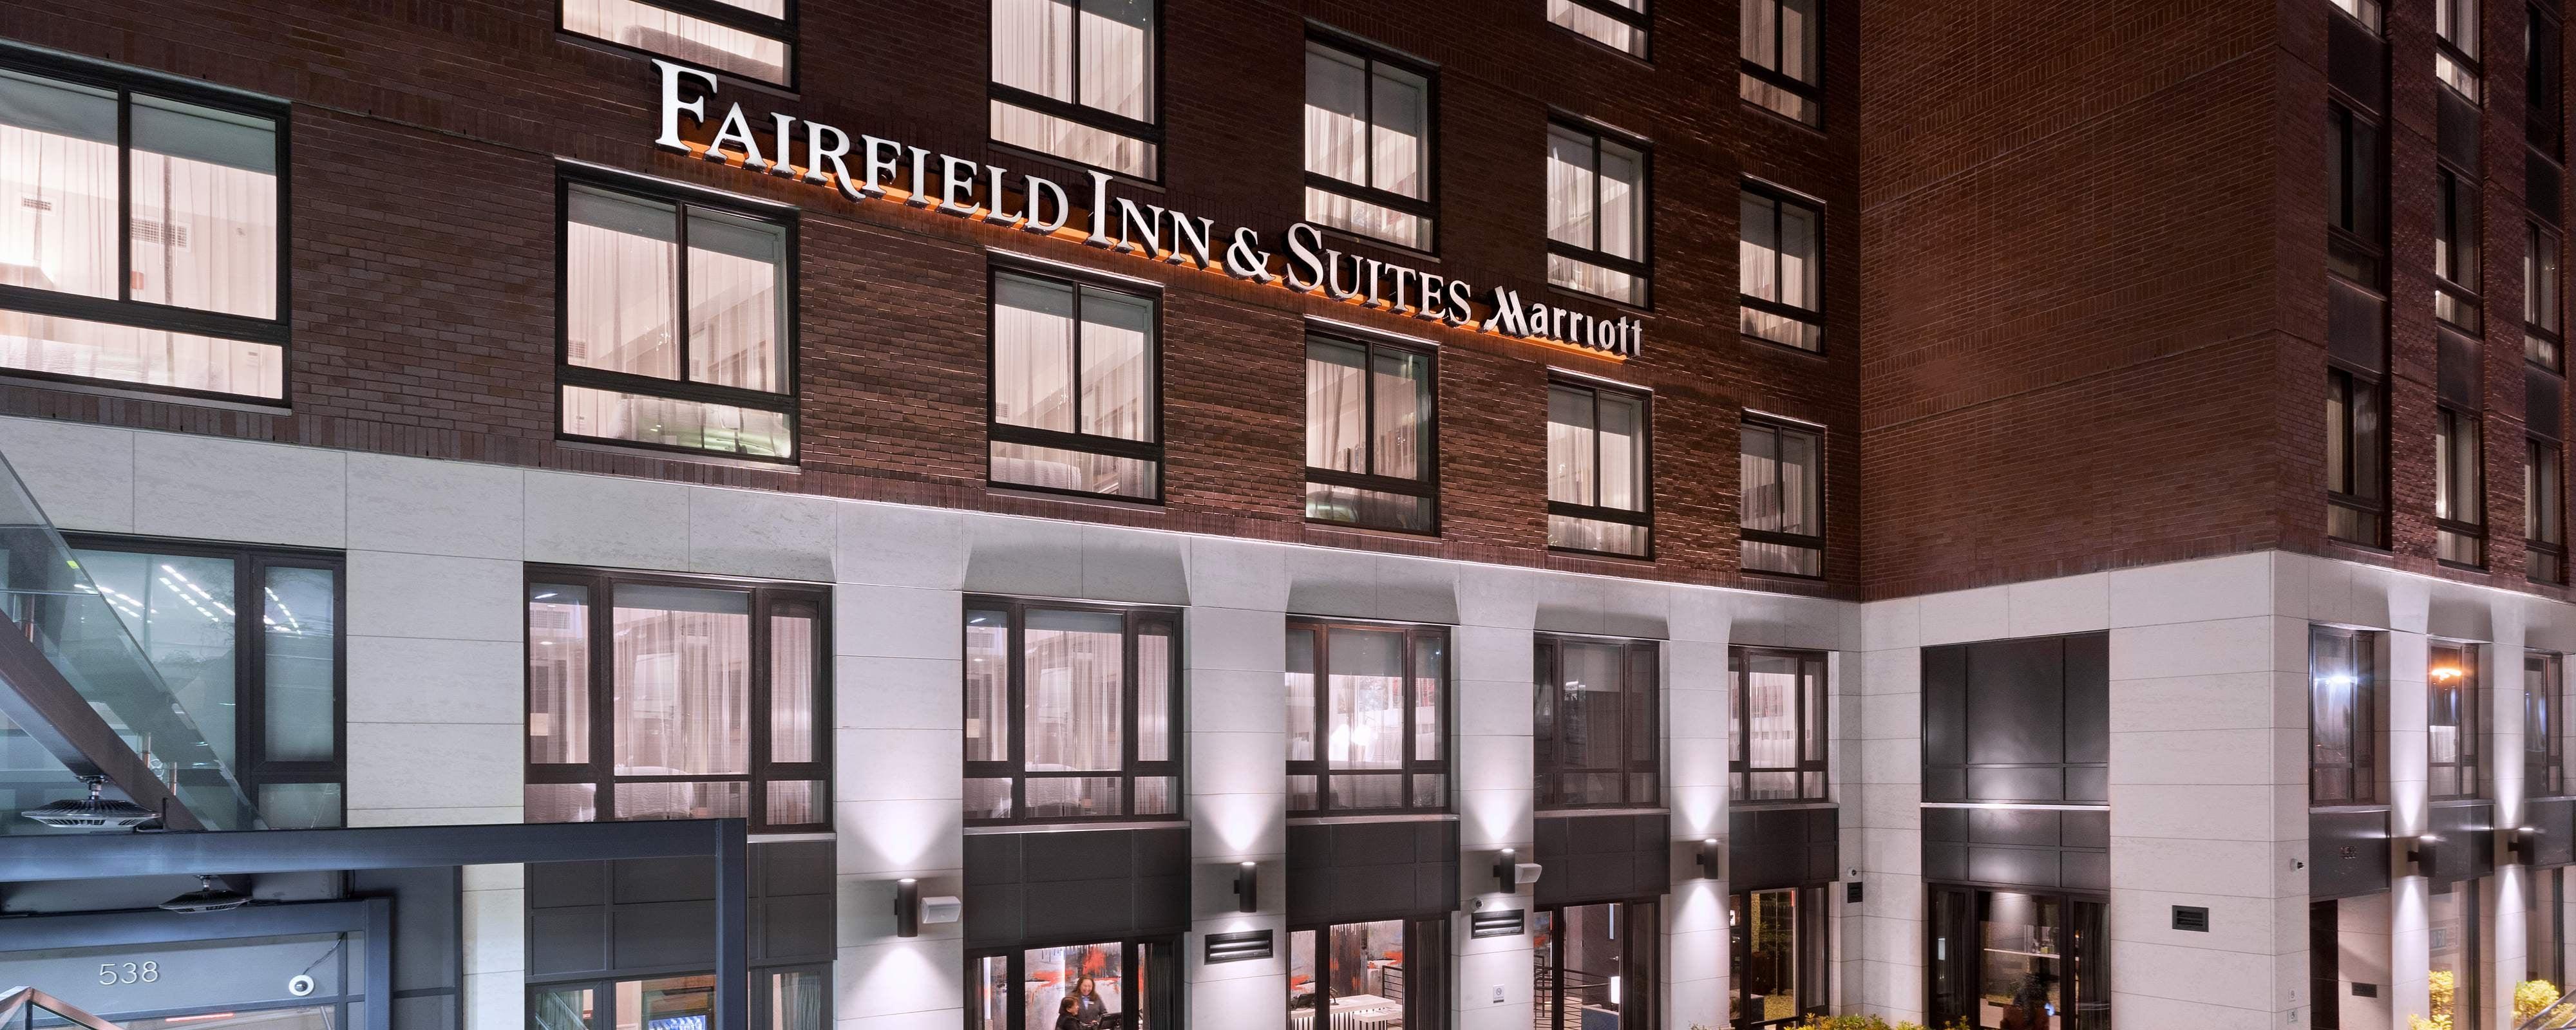 Central Park Hotel Fairfield Inn Suites New York